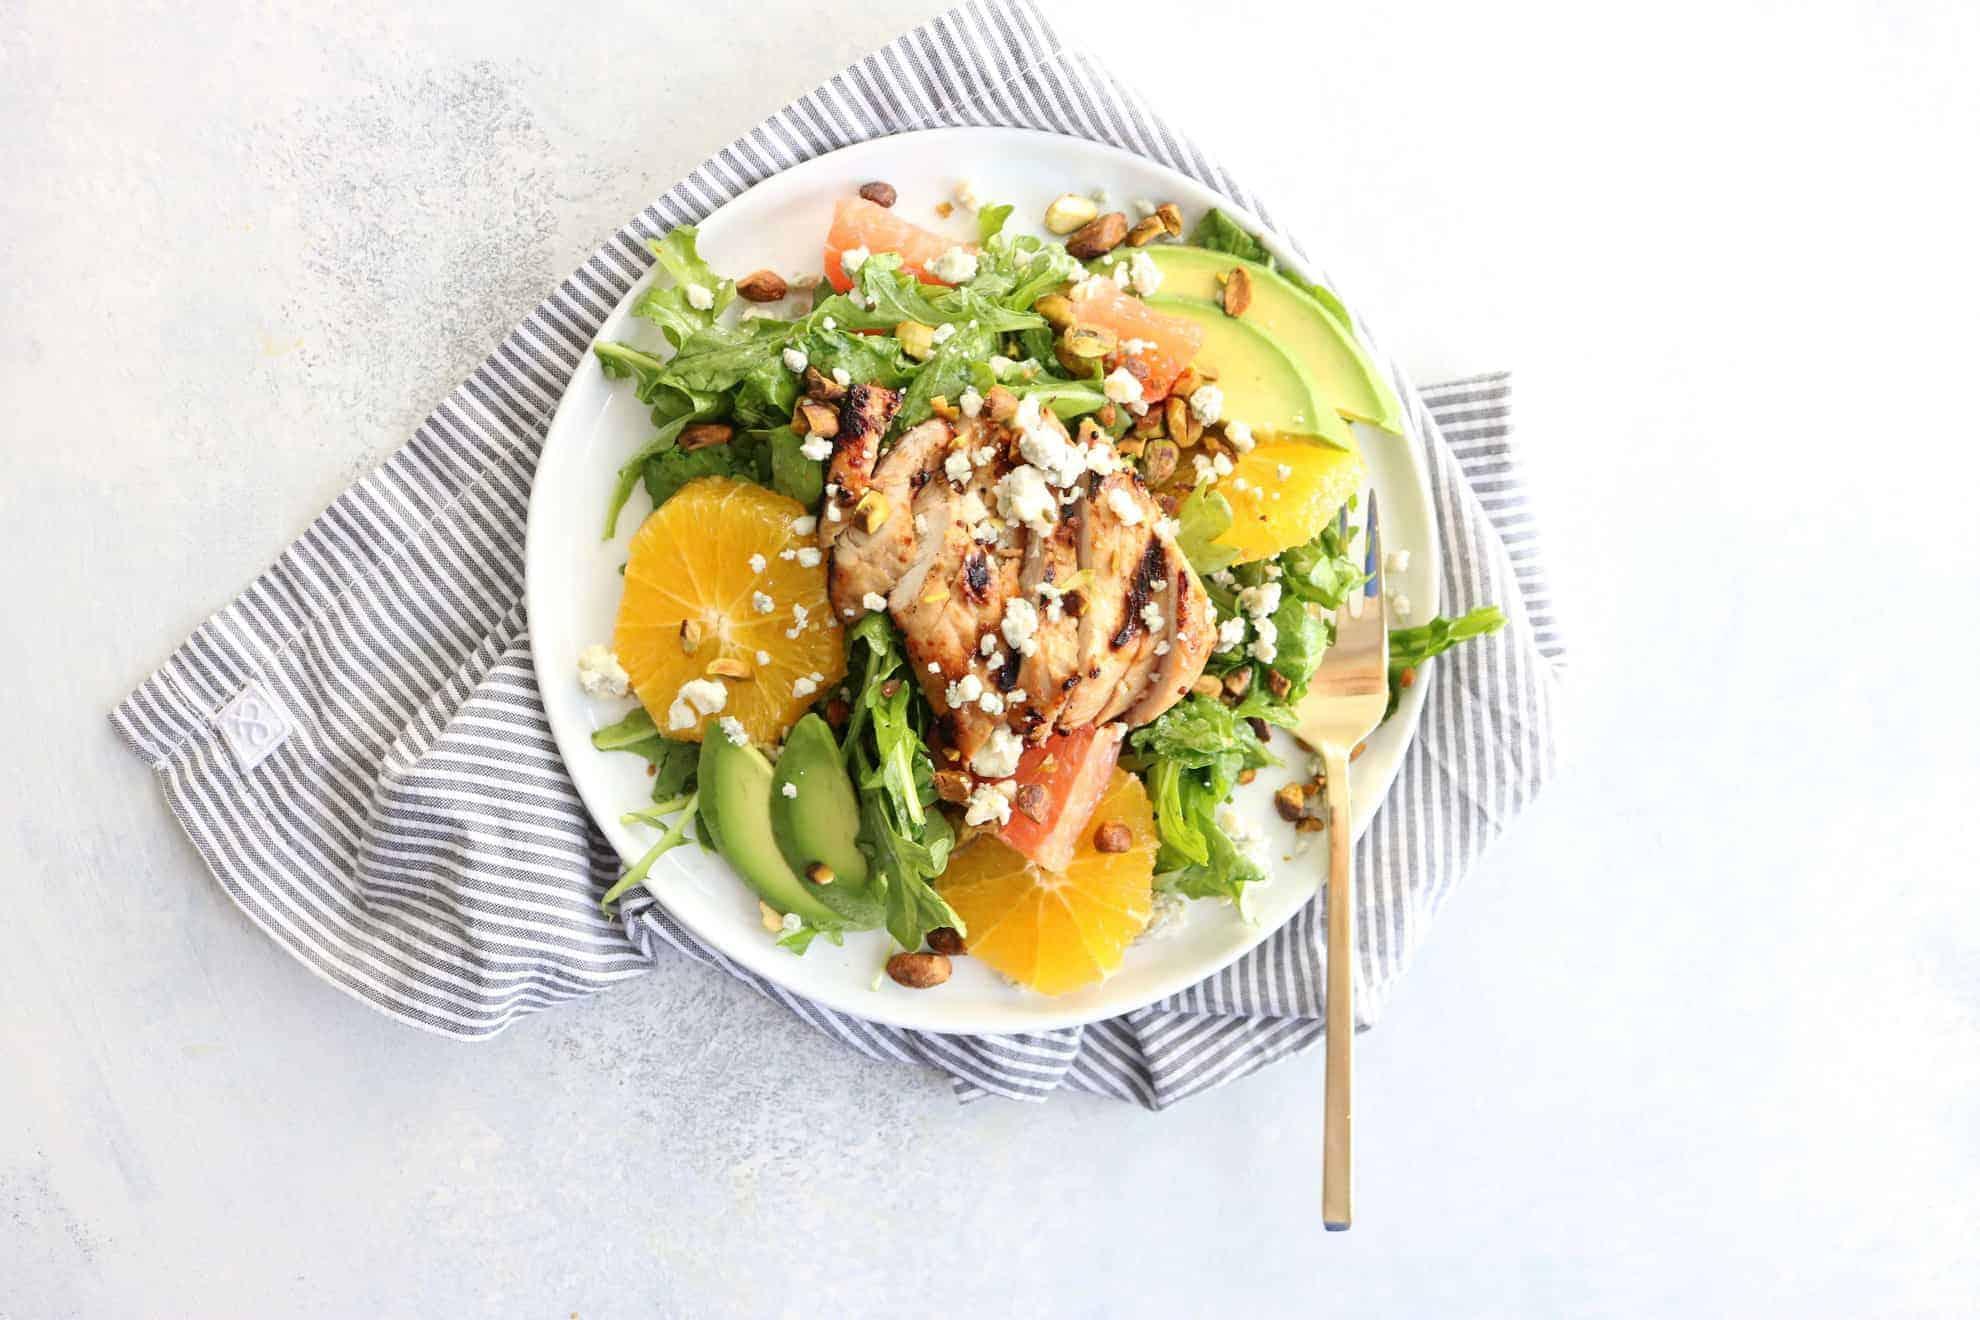 Summer Citrus Salad + Grilled Orange Marinated Chicken